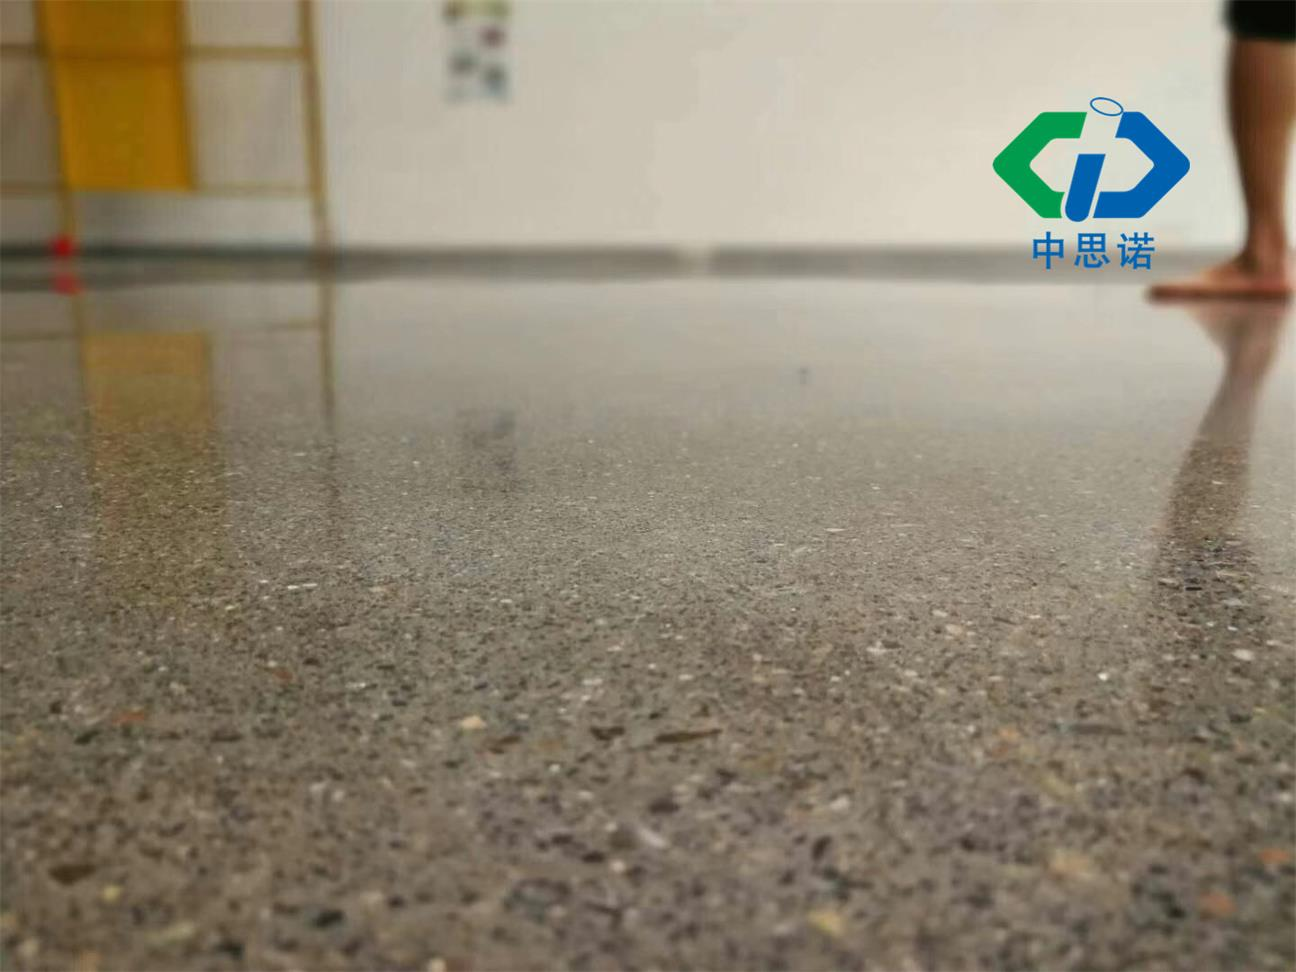 水泥密封固化劑-實惠的鋰基混凝土密封固化劑SINO-360推薦